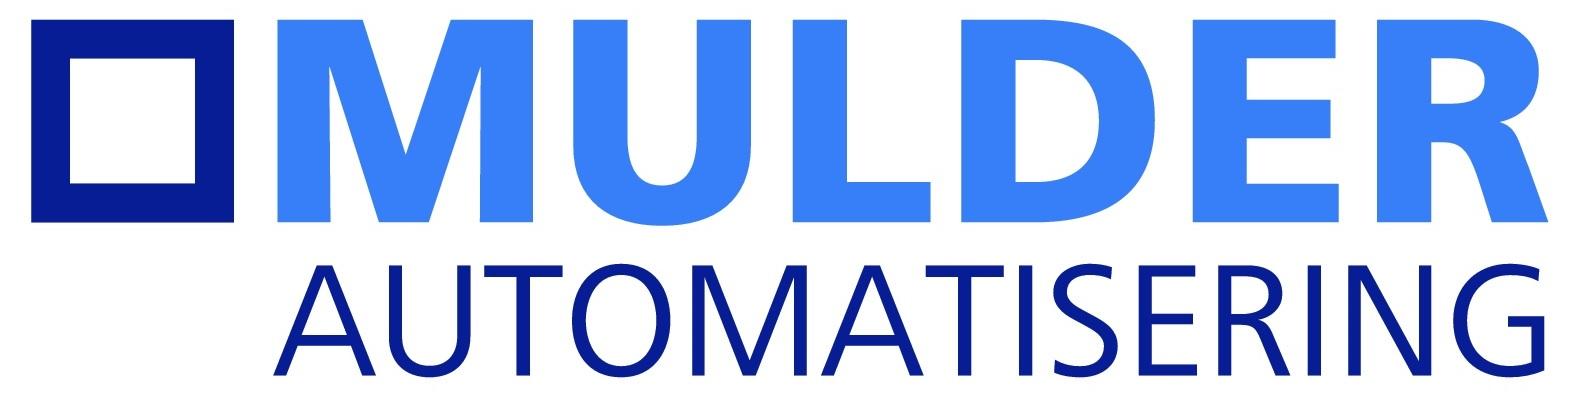 Mulder Automatisering B.V.